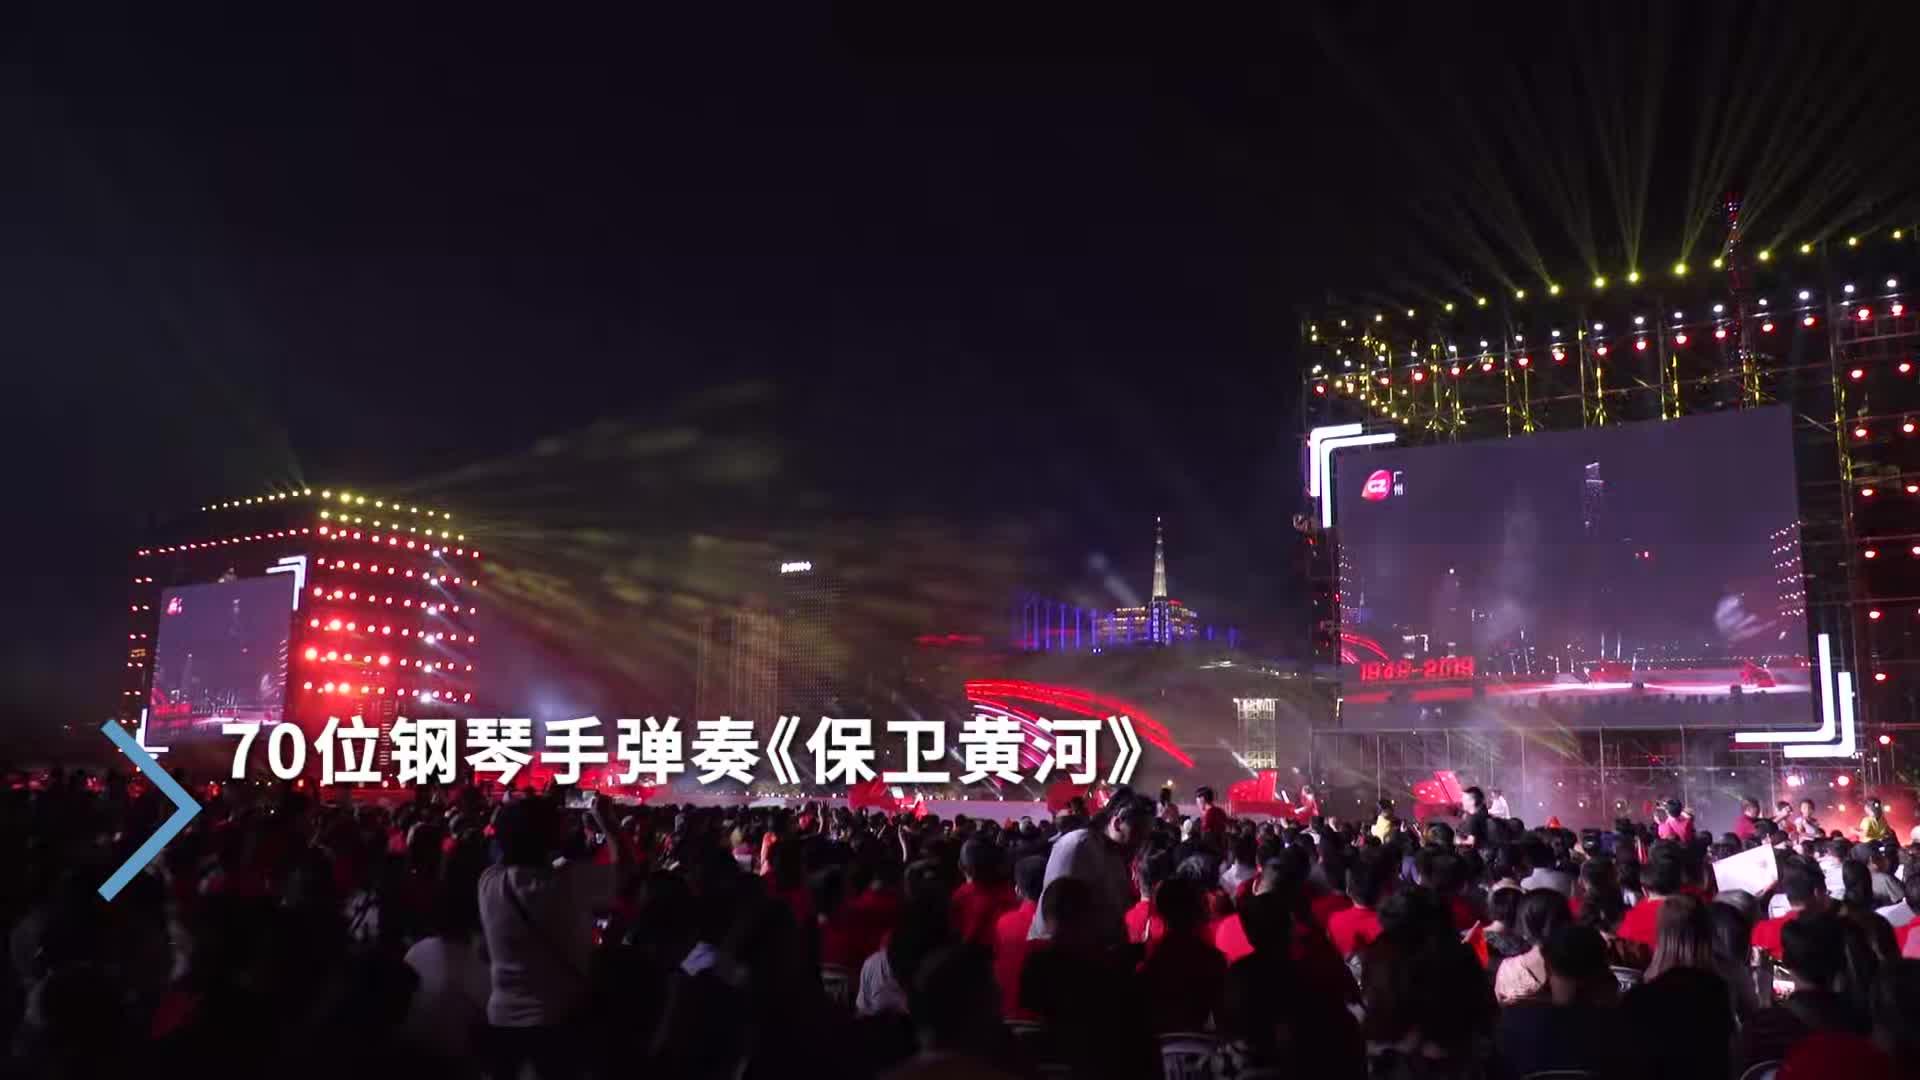 精彩回顧:今晚,廣州塔下的派對燃爆了!羊城觀眾最強表白祖國!